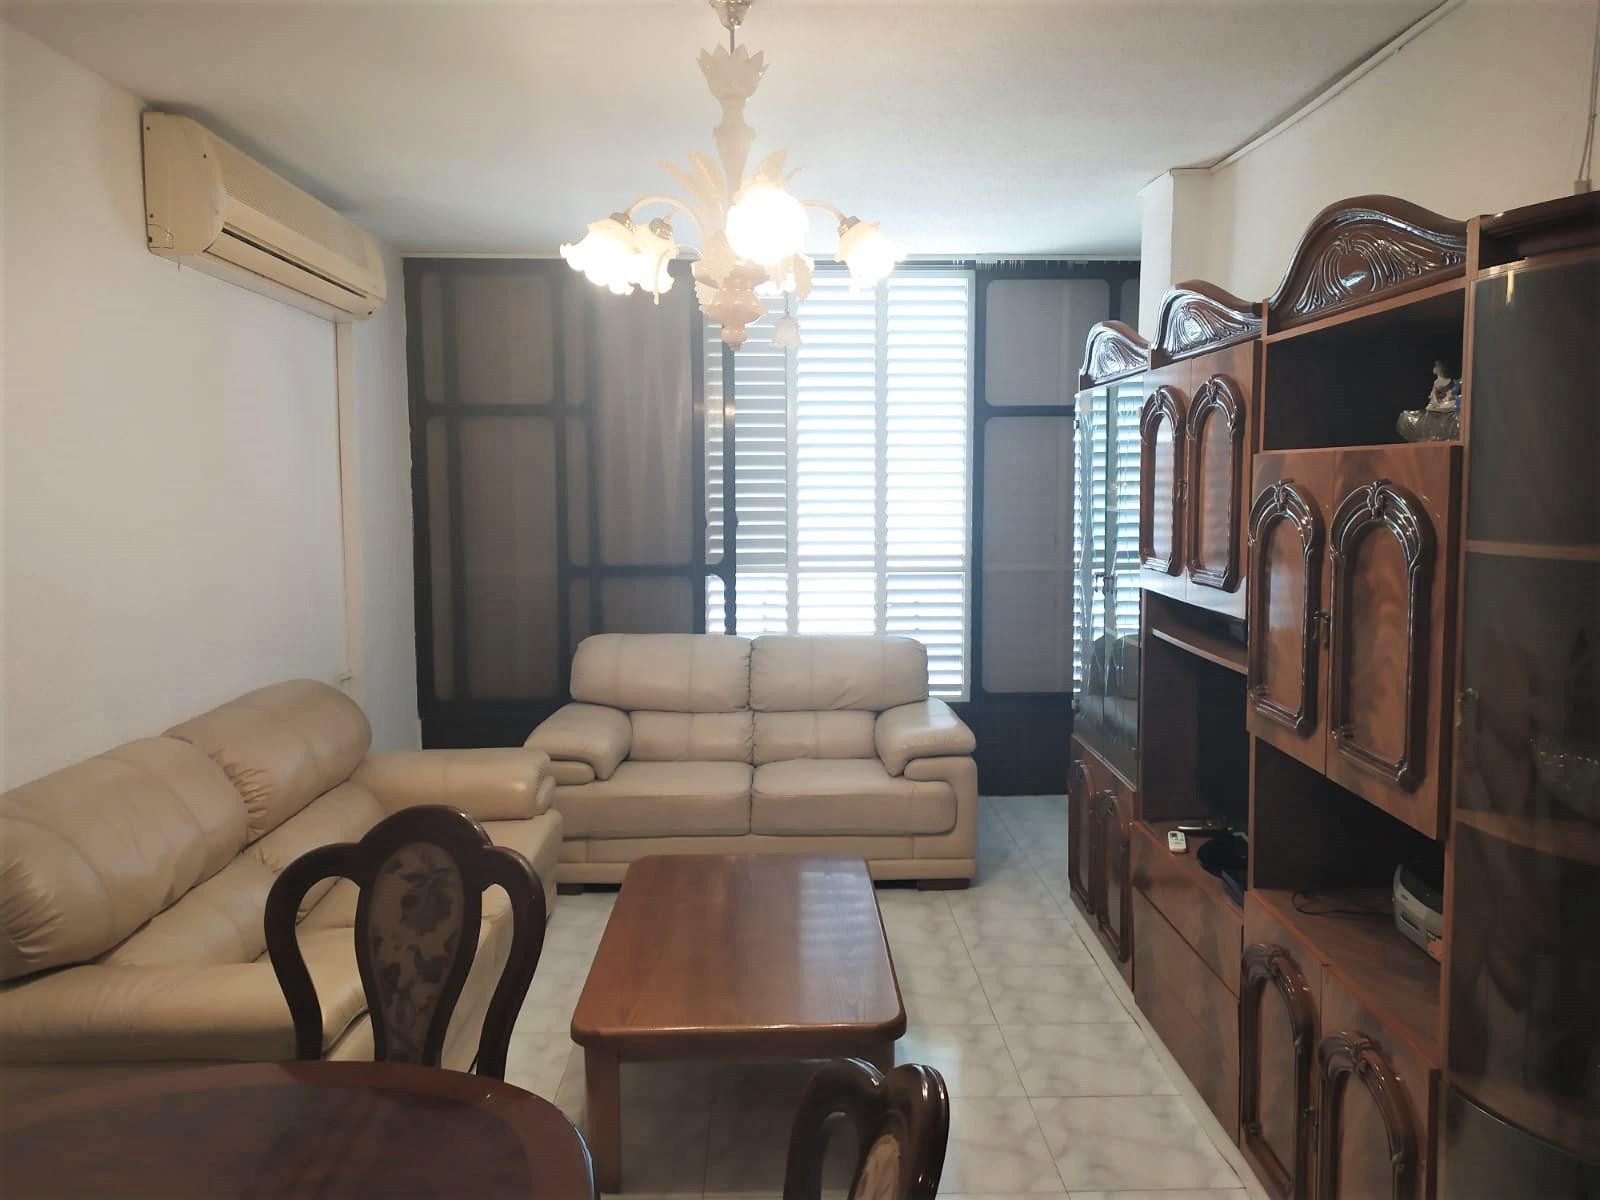 דירה להשכרה לתקופה קצרה  3 חדרים !price$ ללילה, בת ים